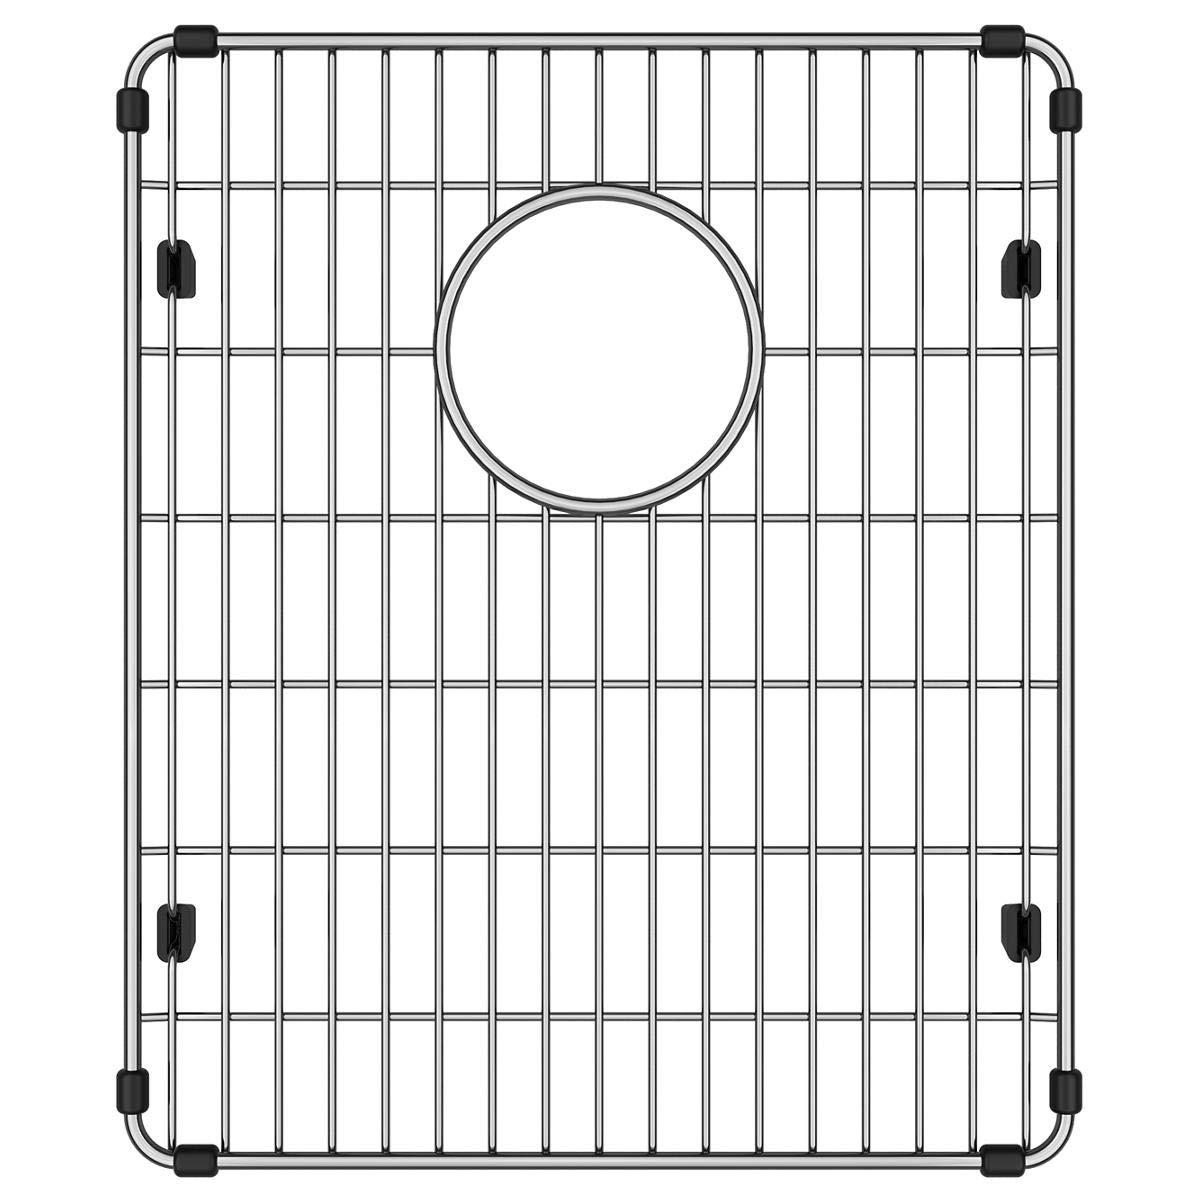 Elkay EBG1315 Stainless Steel Bottom Grid